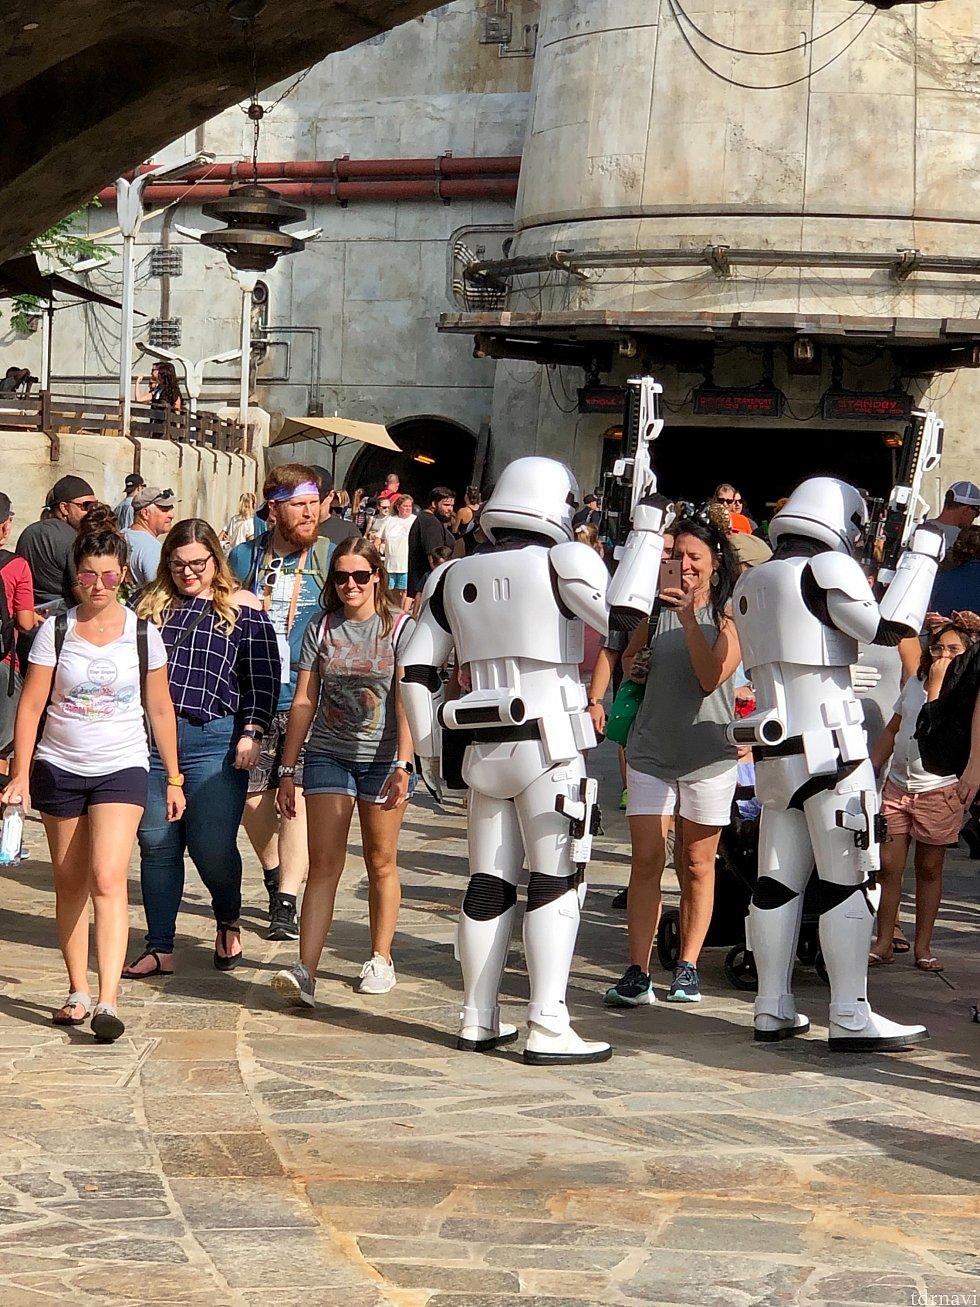 Stormtrooper 達もこのエリアでよく見かけました。ゲストとの絡みが多く、結構自由な会話をしていました。